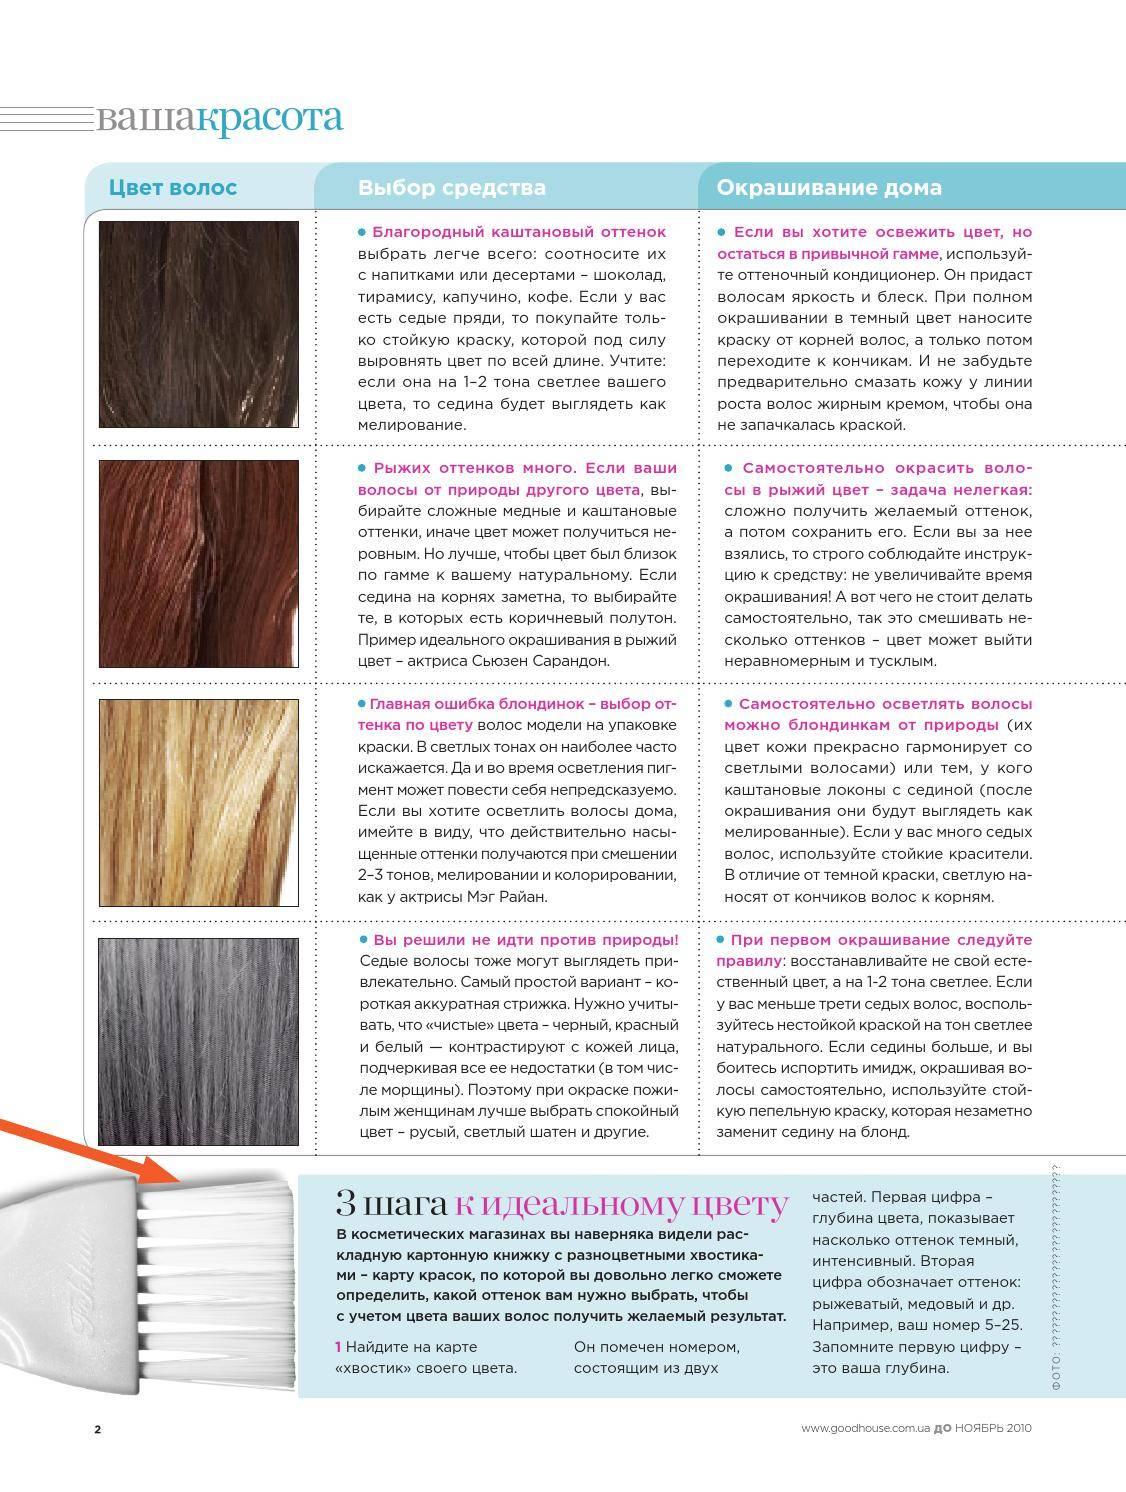 Как покрасить волосы с помощью кофе? 24 фото как сделать покраску седых волос хной и кофе в домашних условиях? рецепты и верные пропорции